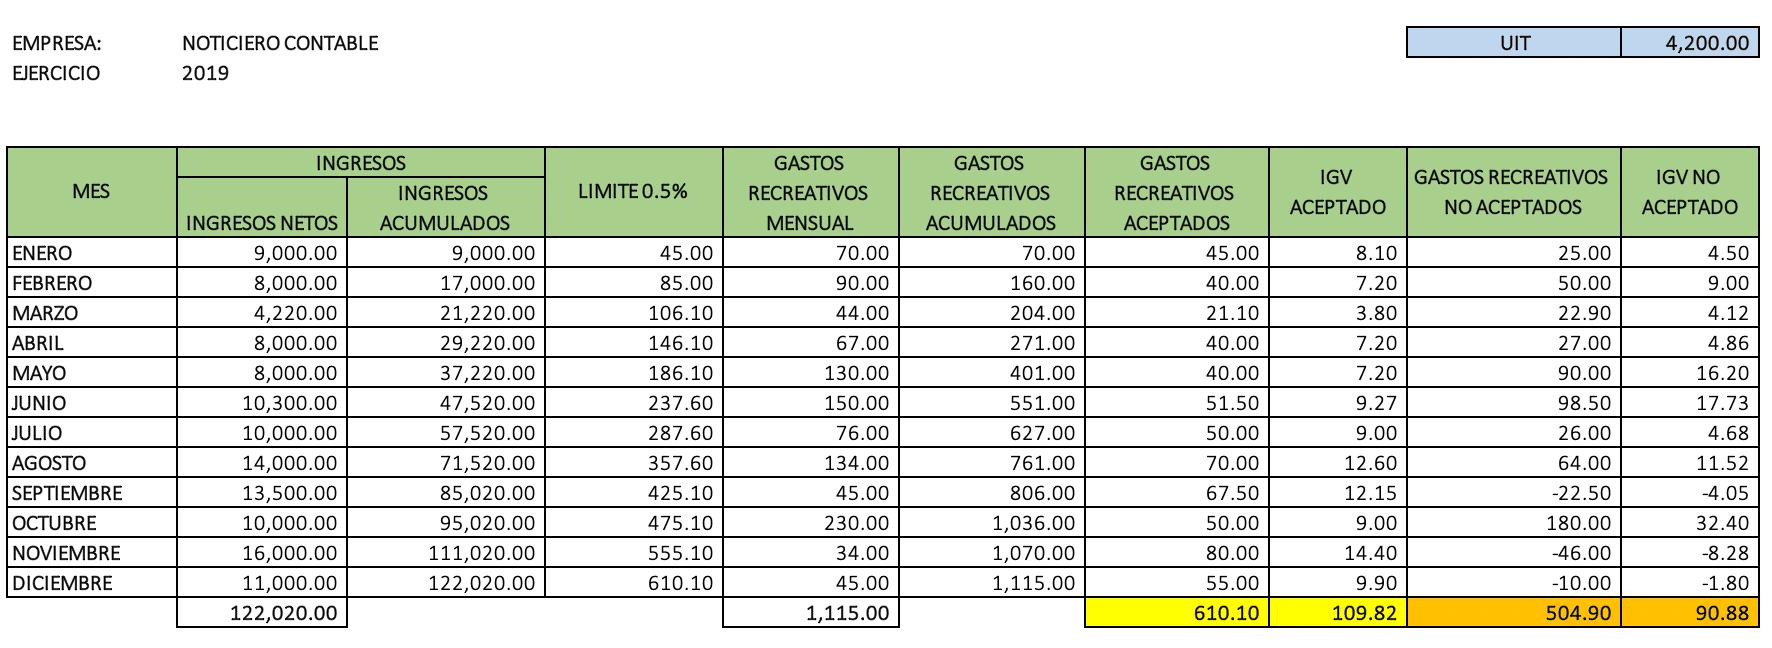 Limite de los Gastos de Recreación